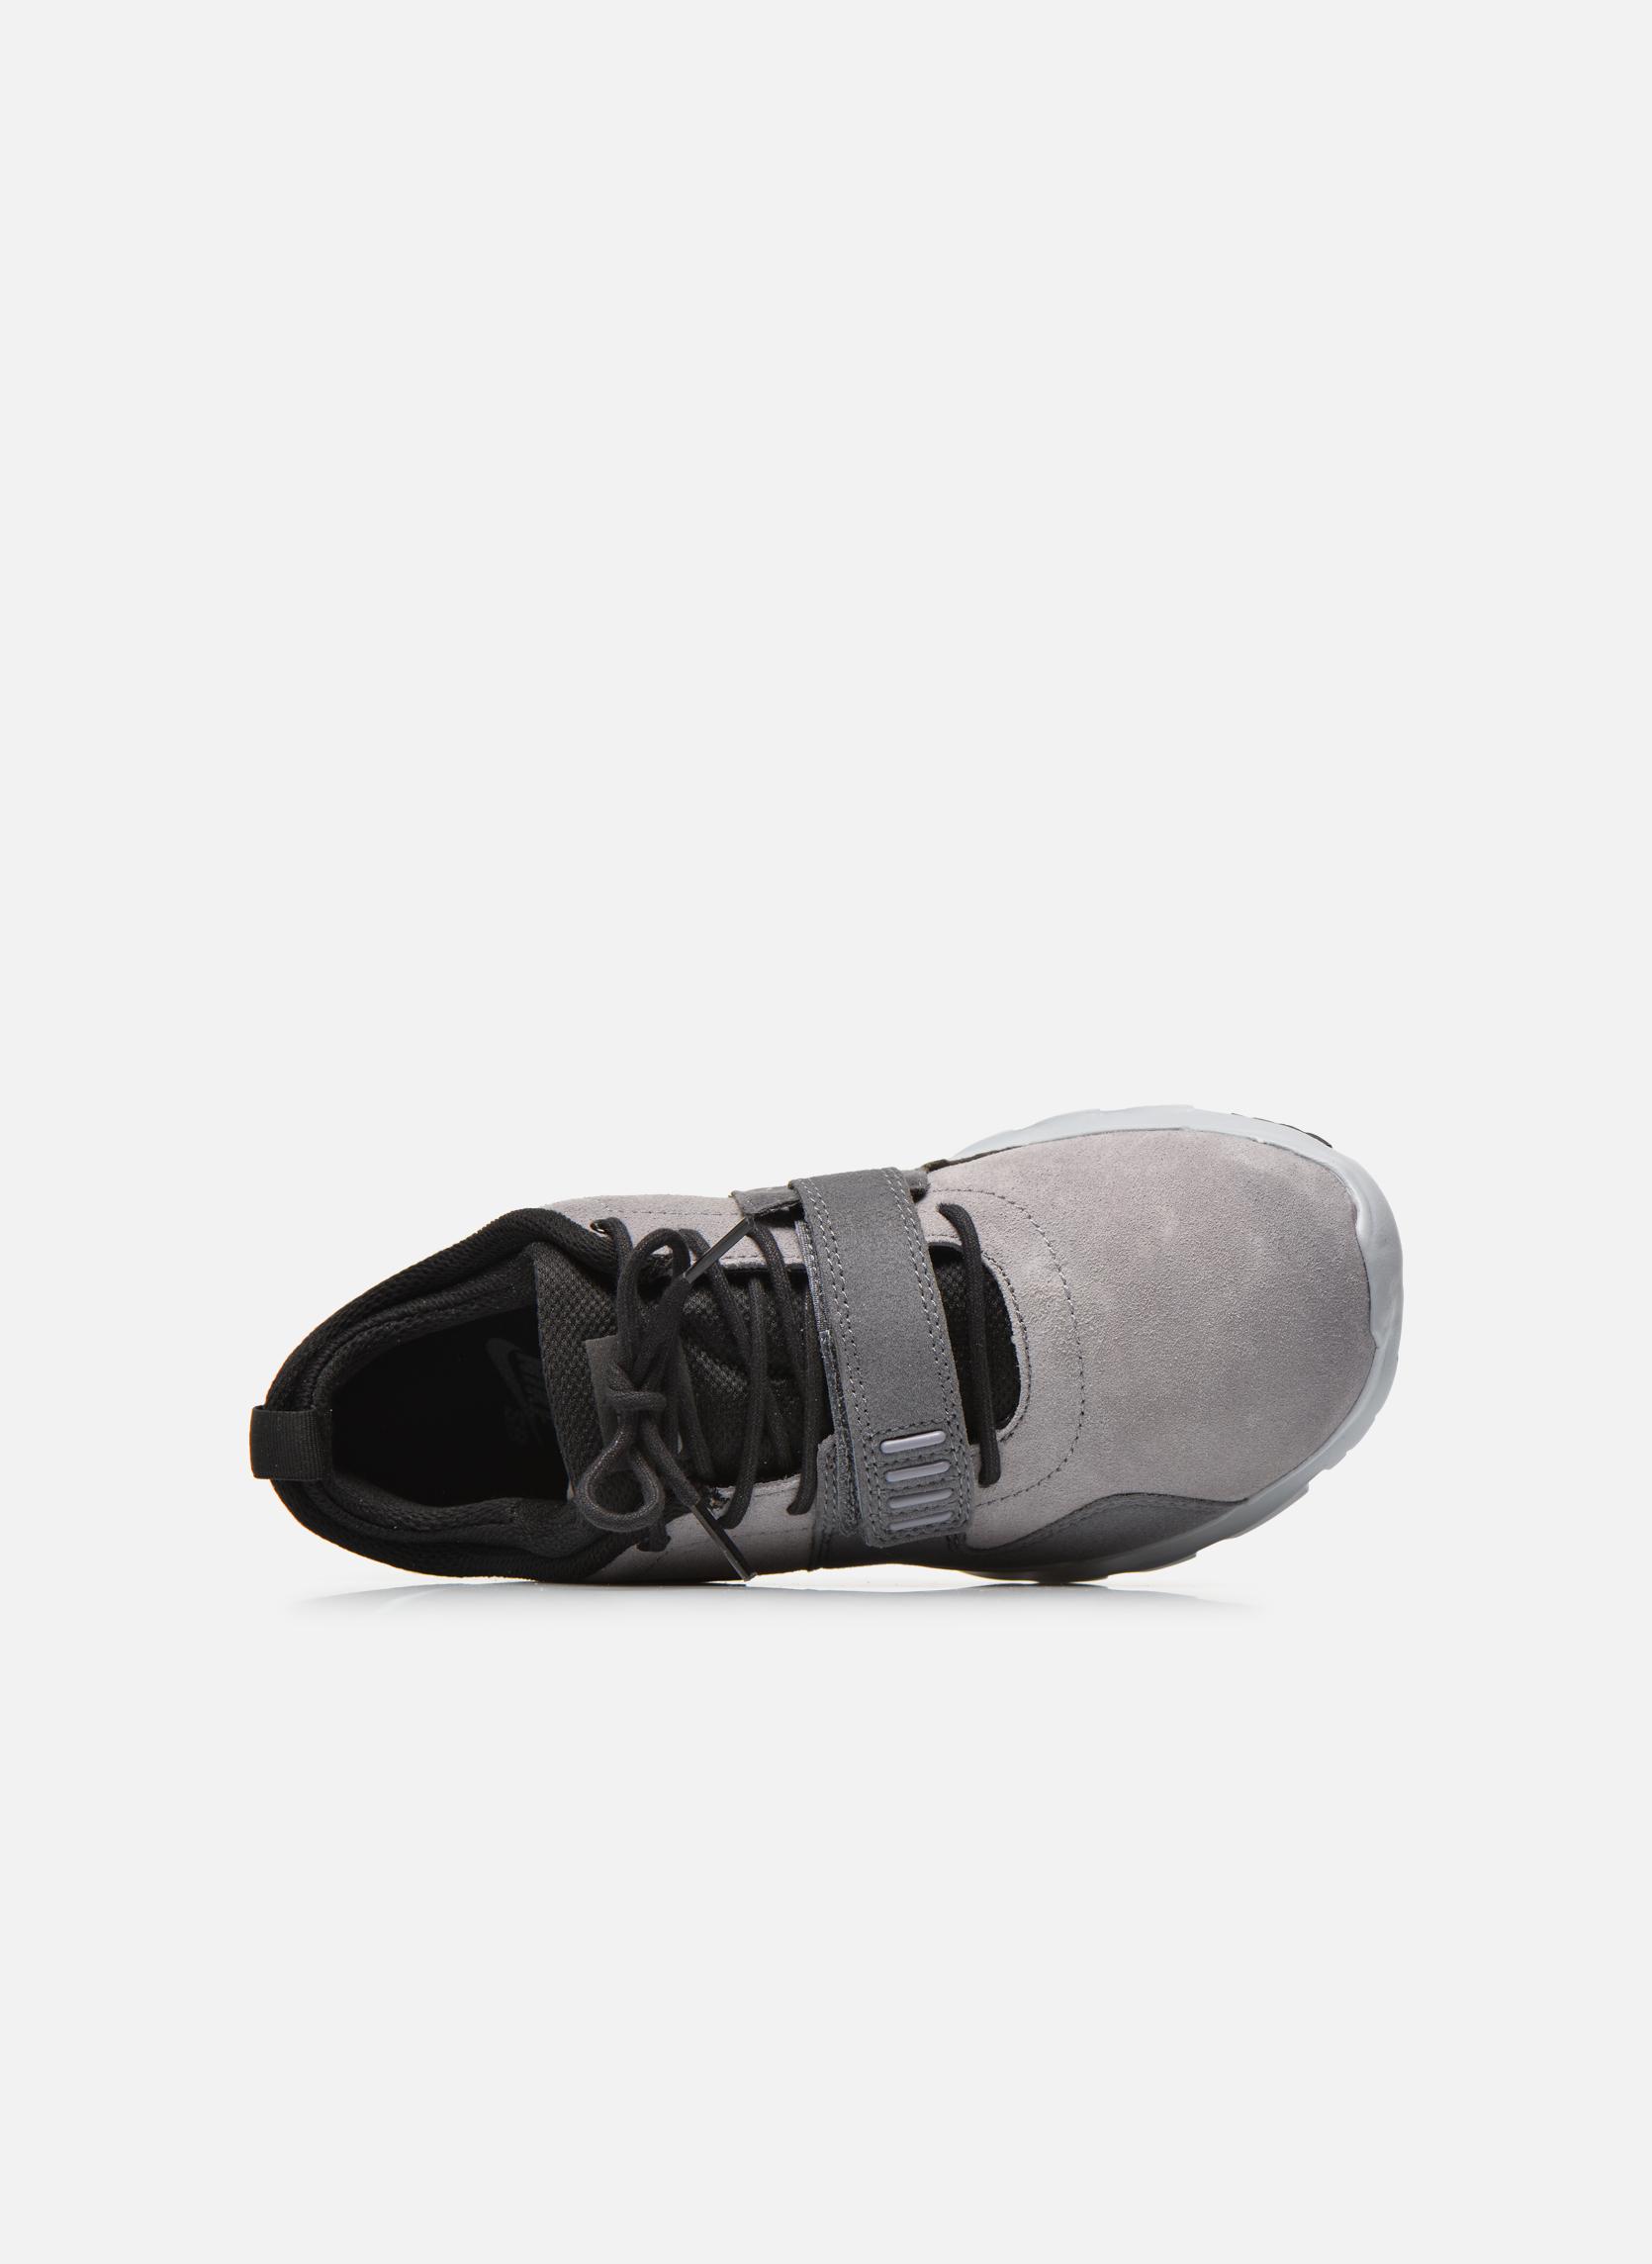 Chaussures de sport Nike Trainerendor L Gris vue gauche